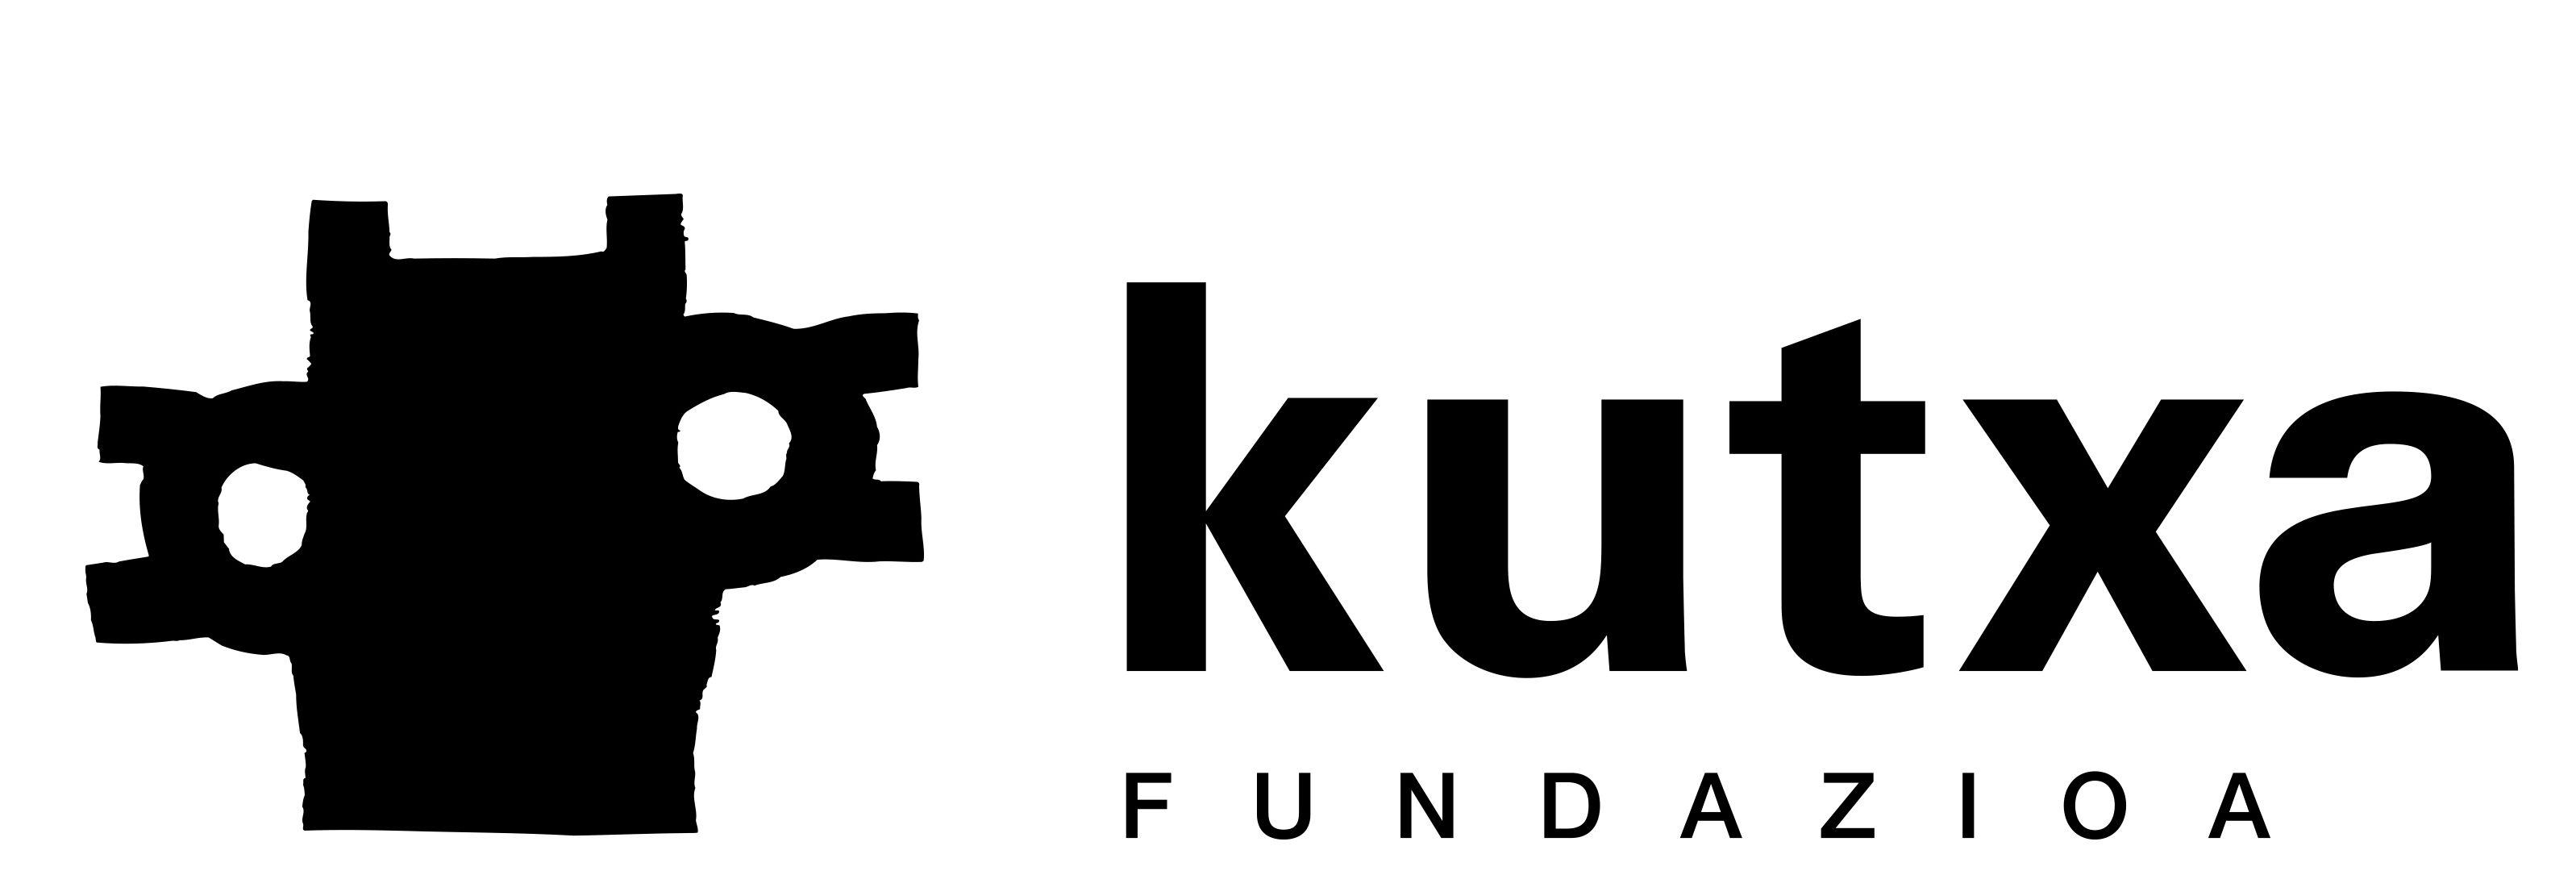 KUTXA Kutxa LogoH 02